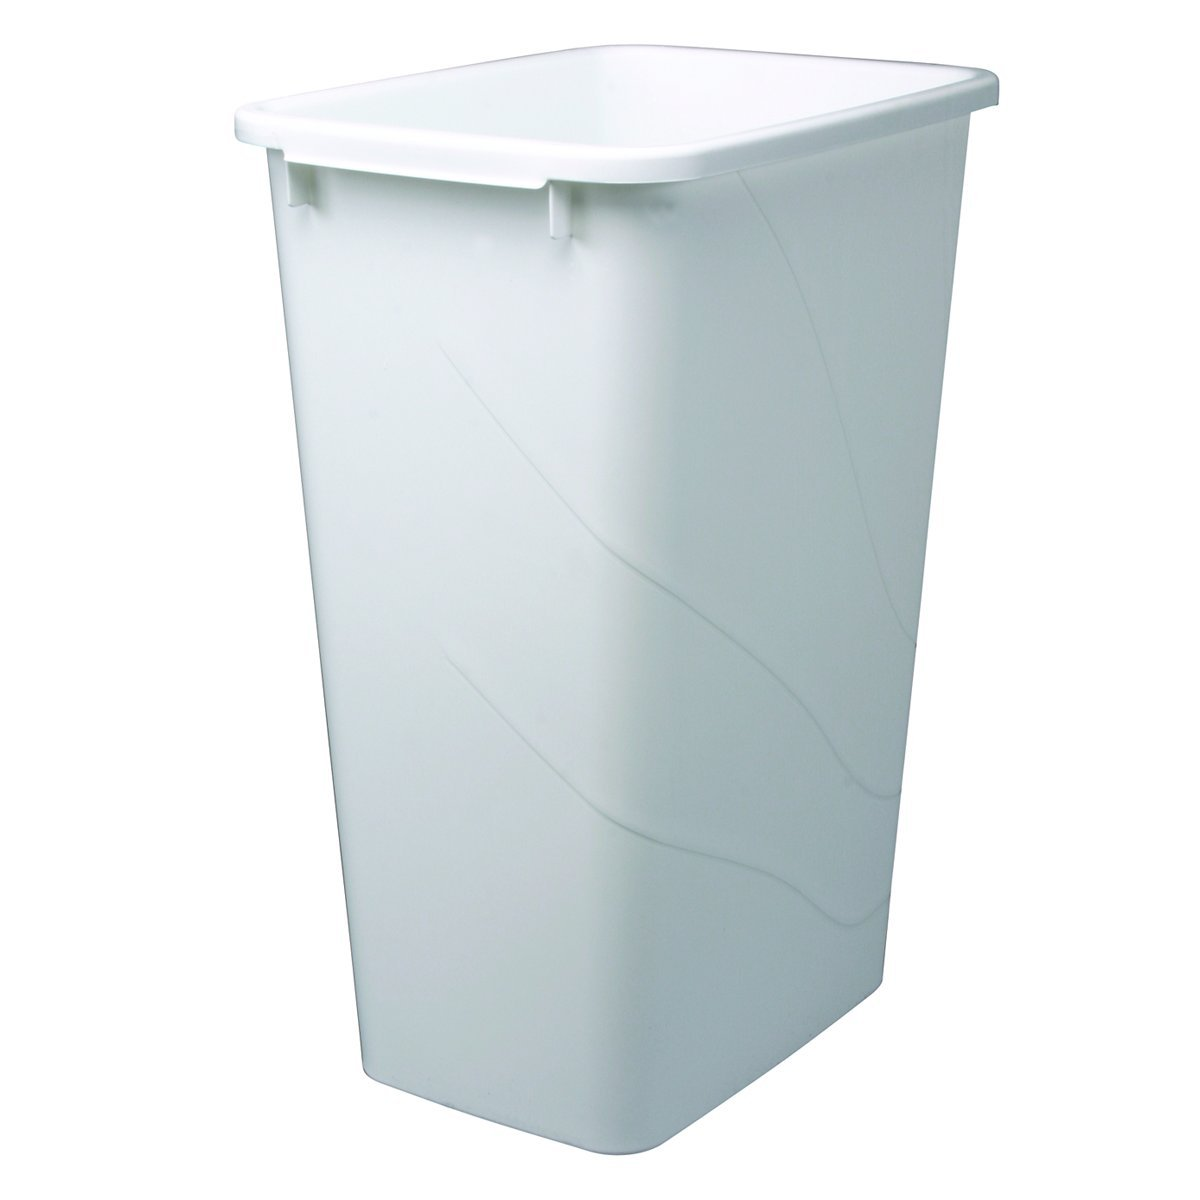 Amazon.com: Knape & Vogt QT50PB-W Replacement Trash Can, 21.56-Inch ...